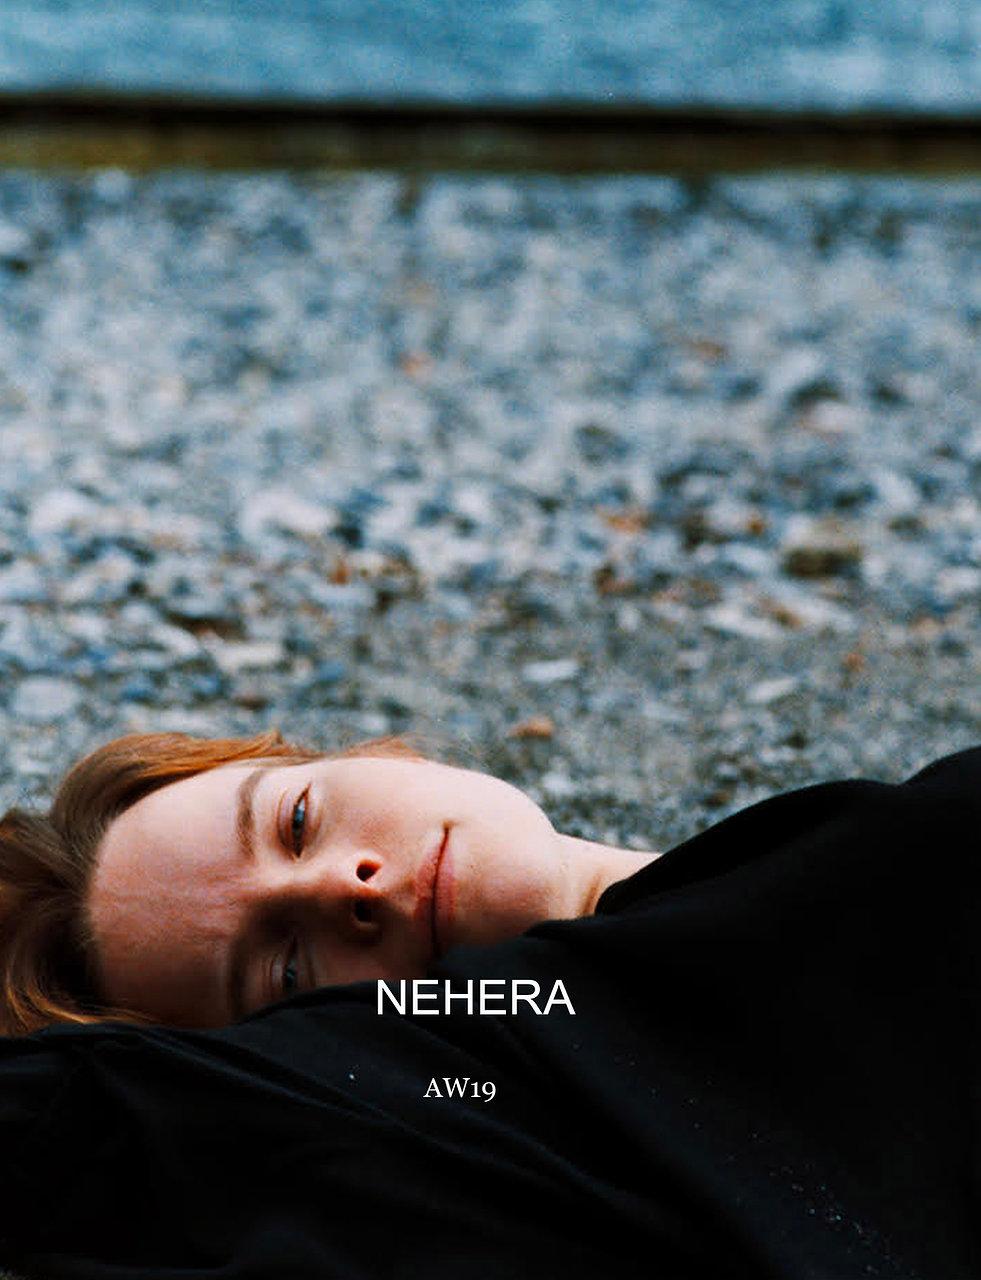 NEHERA_AW19_1.1.1.jpg